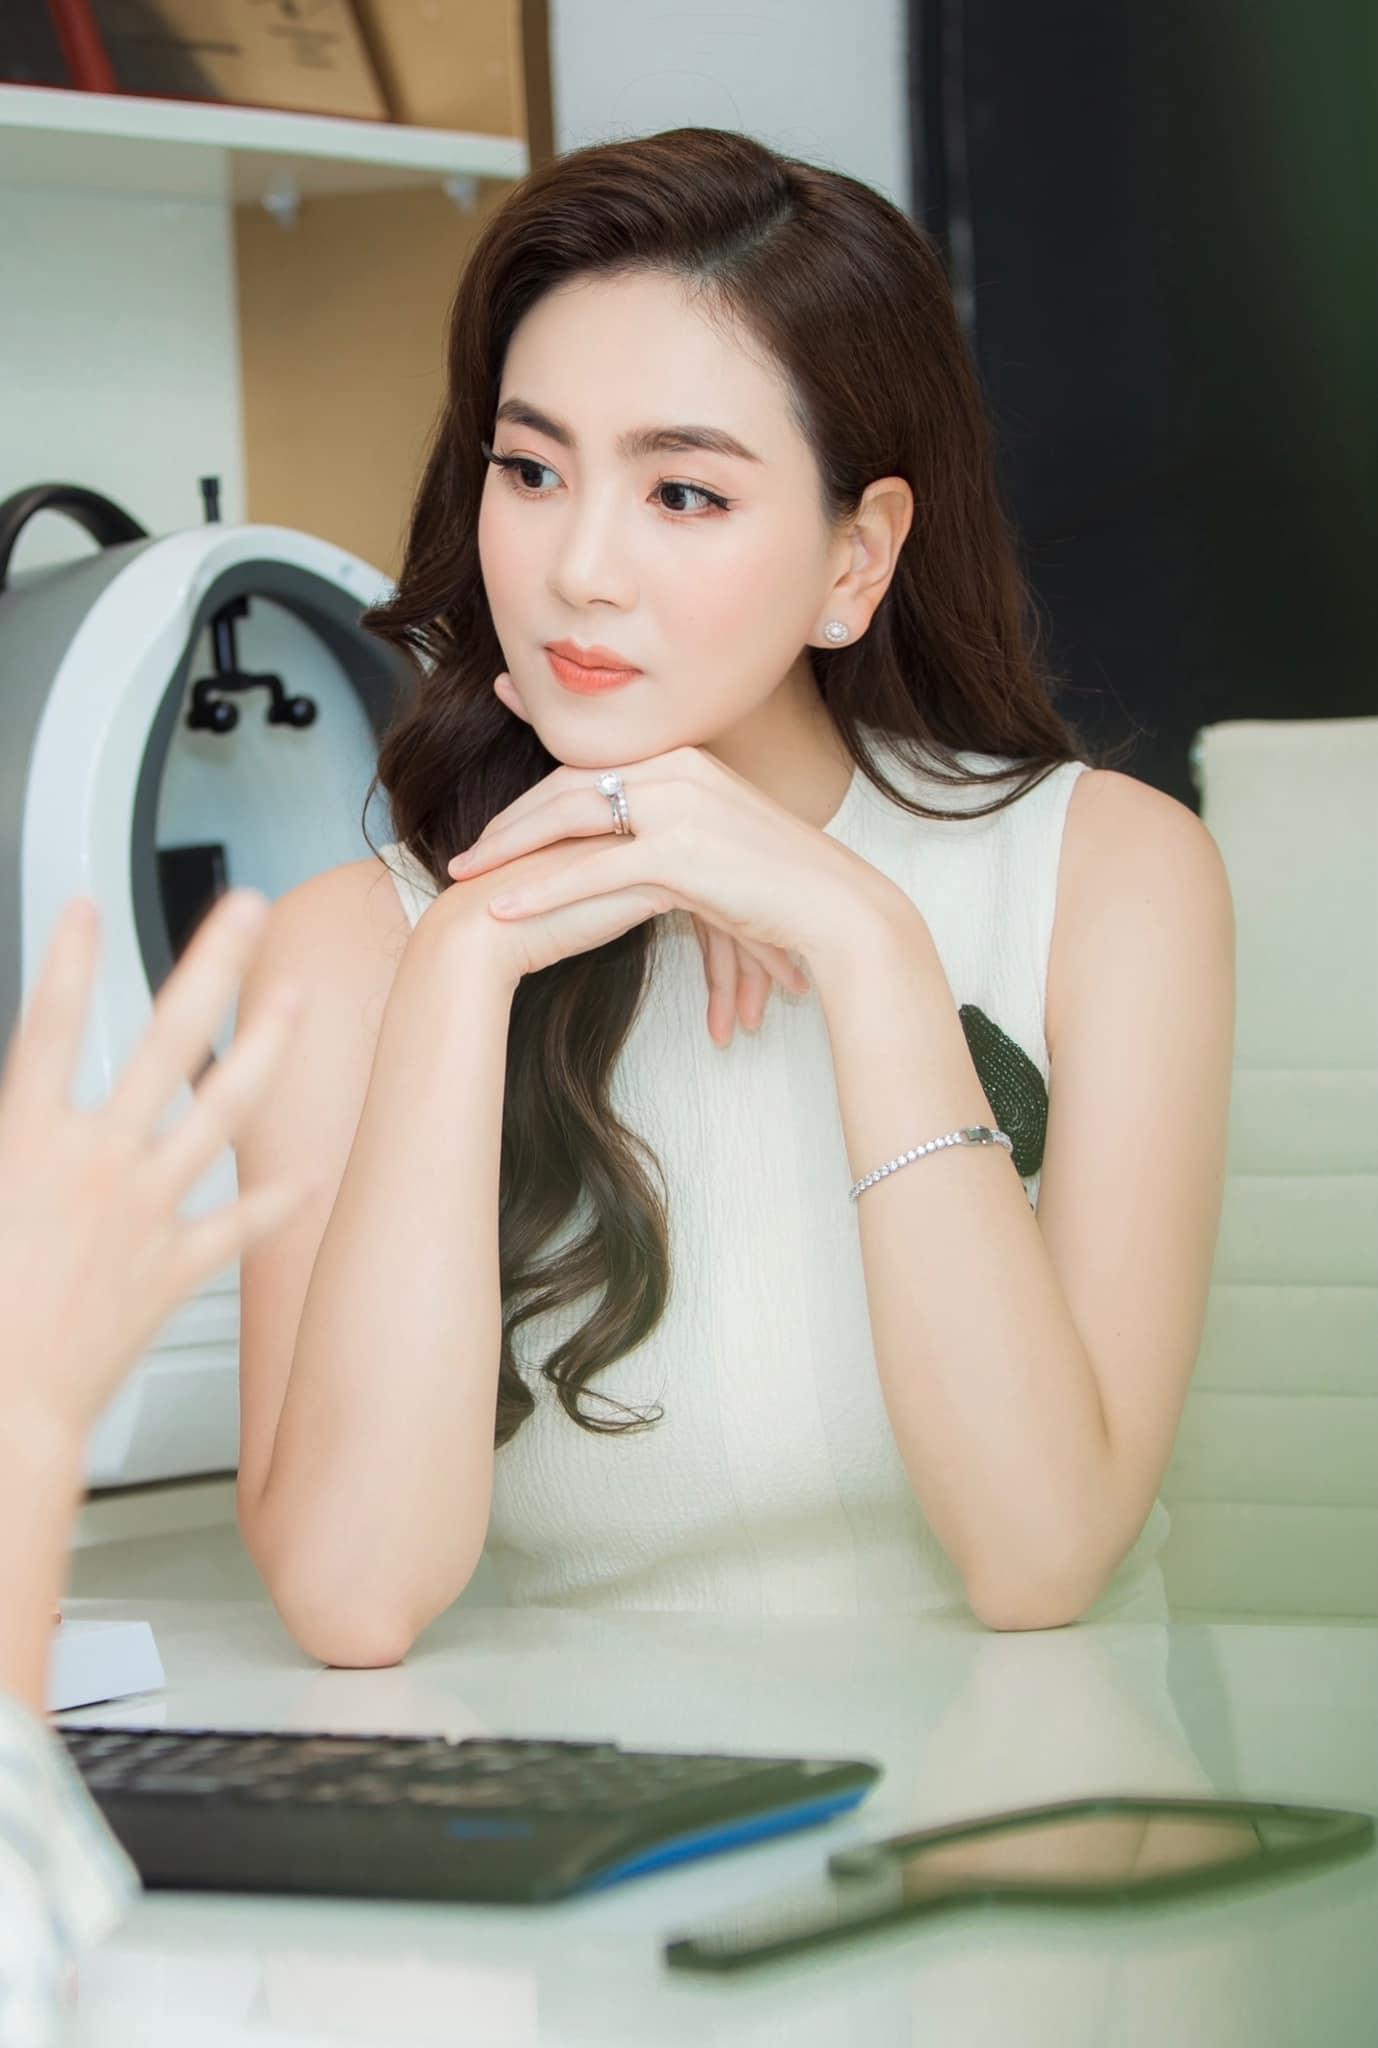 MC Mai Ngọc: Ưu điểm nhan sắc và khuyết điểm makeup nên cẩn trọng khi học theo - Ảnh 6.